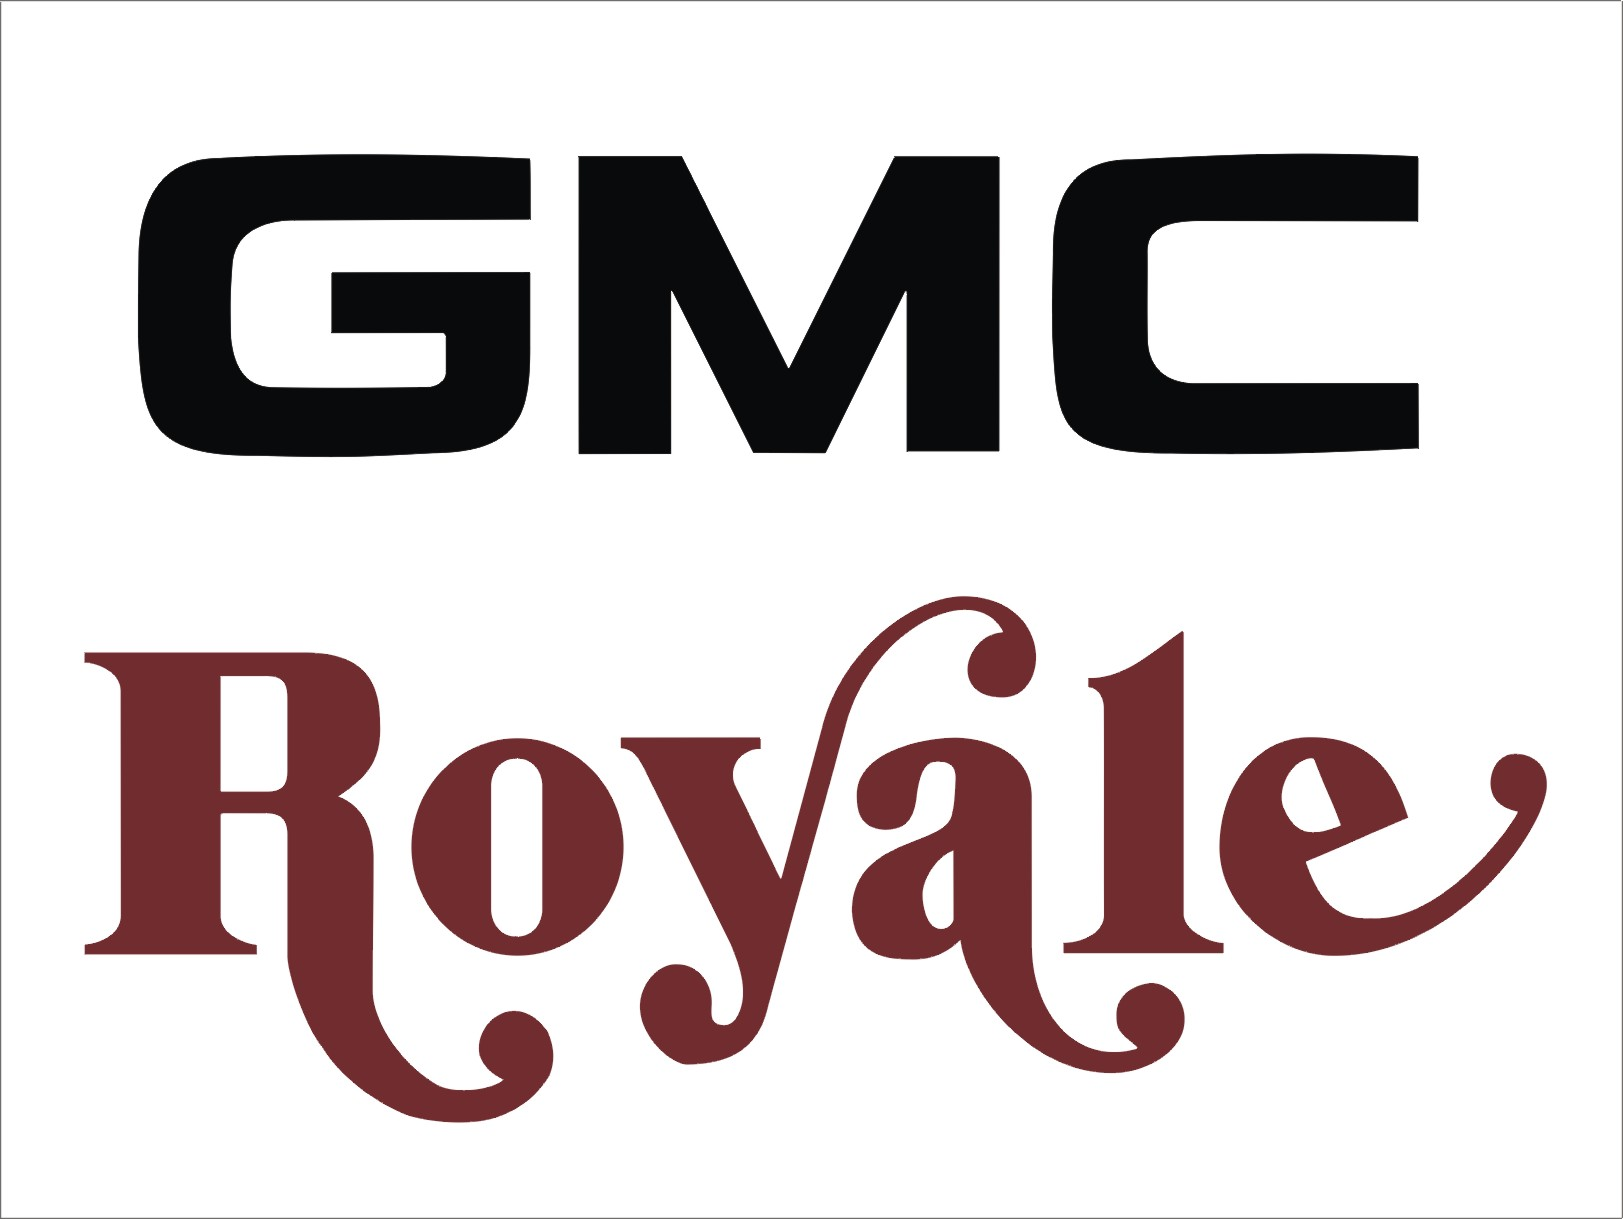 Gmc Motorhome Parts >> GMC Motorhome Logos : DL Design.com